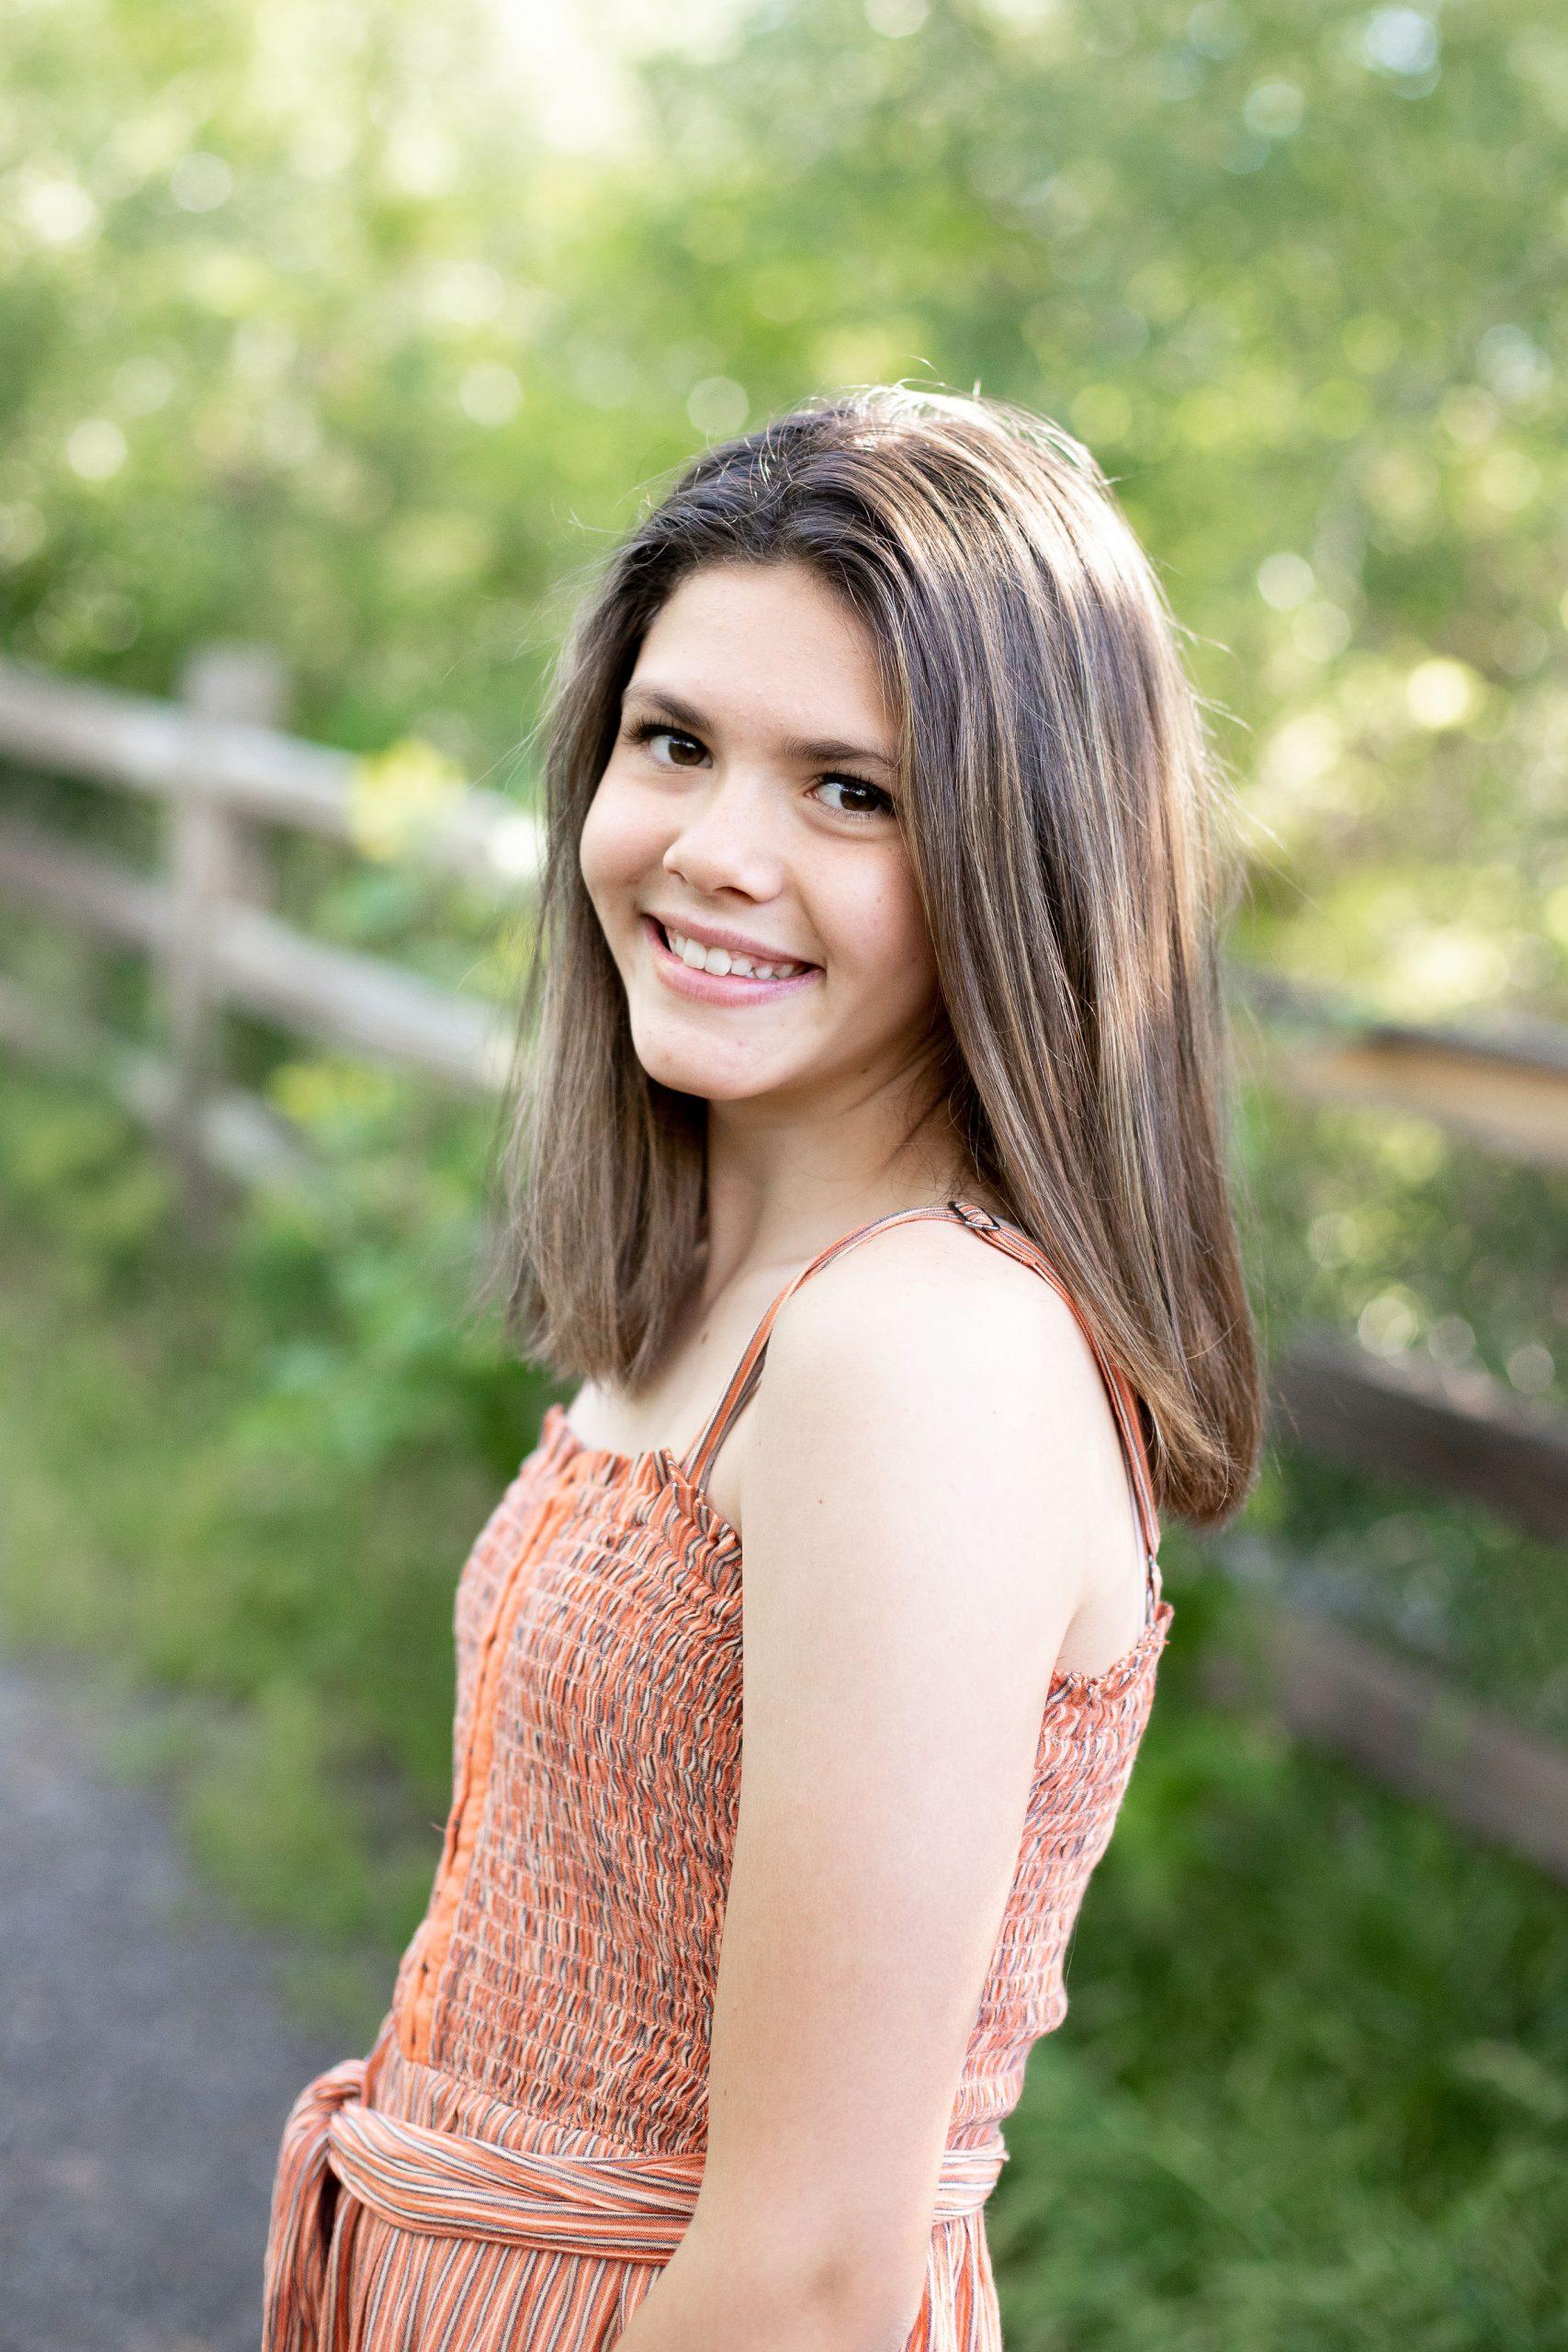 Sarah B. - Age: 11